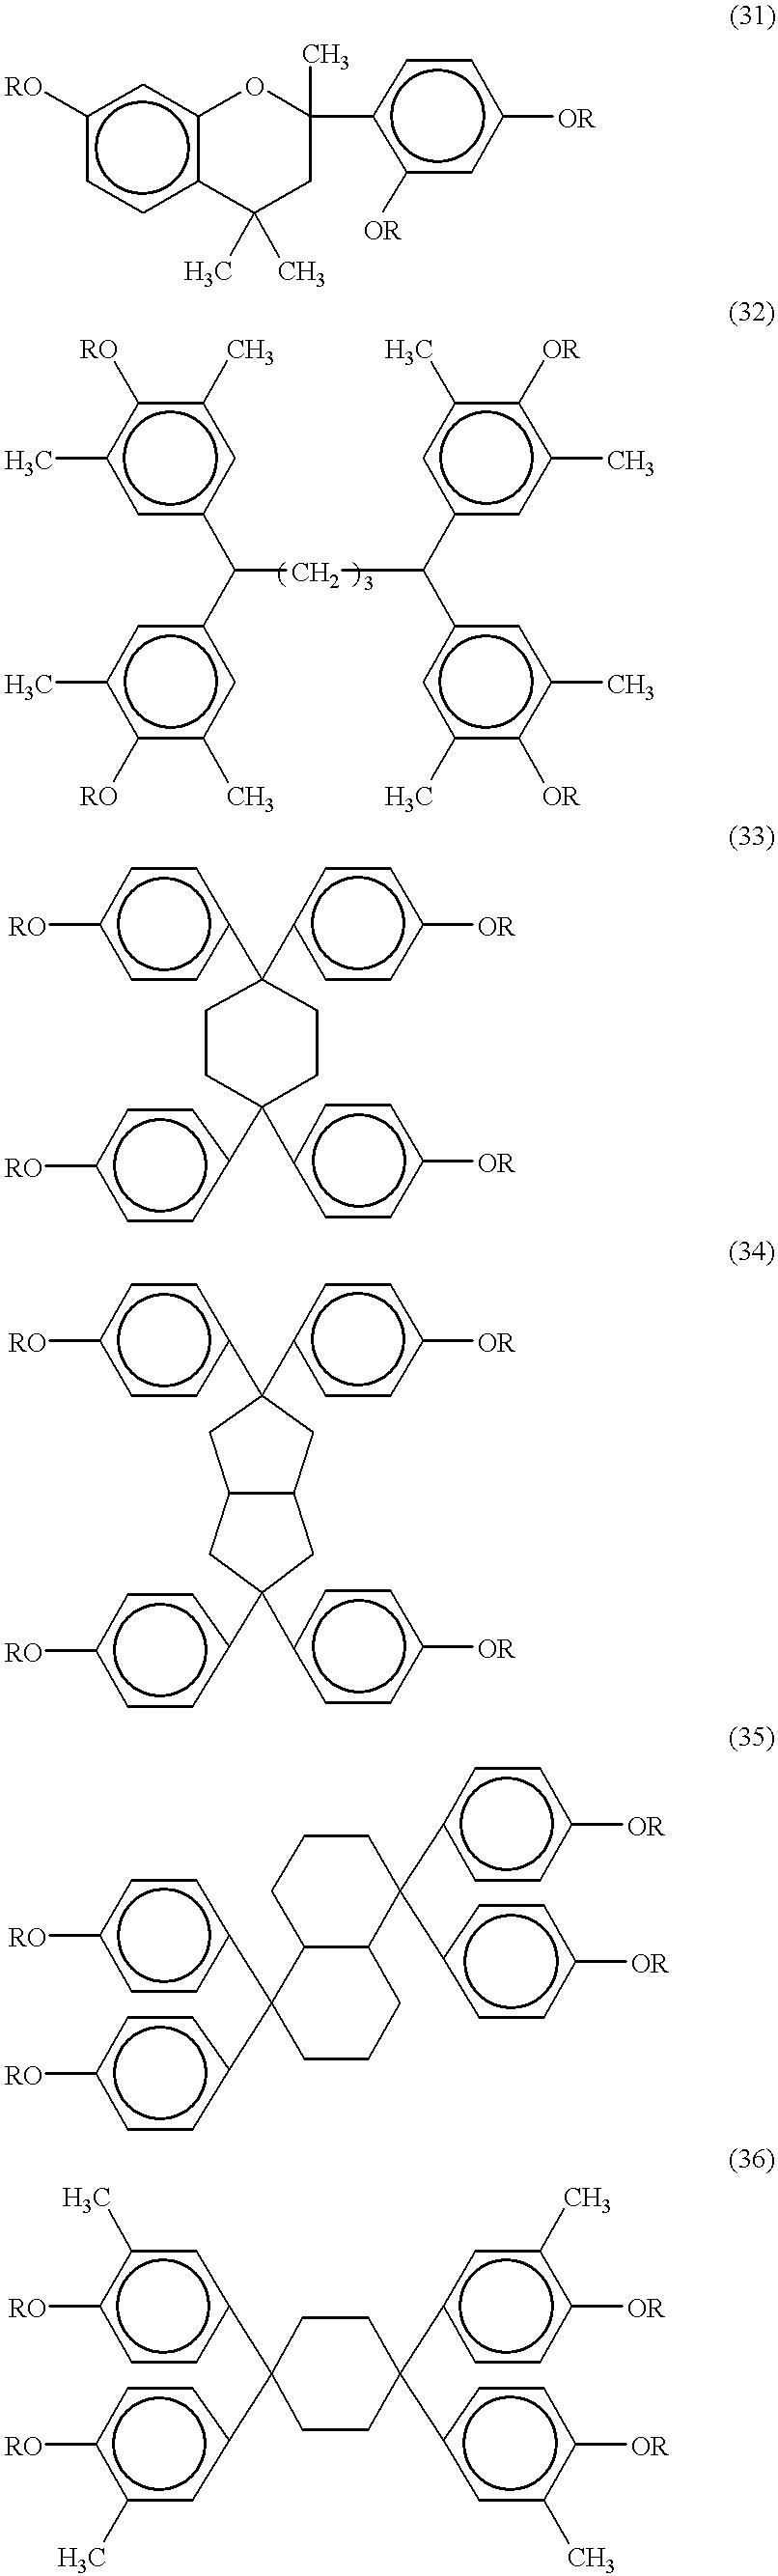 Figure US06485883-20021126-C00037